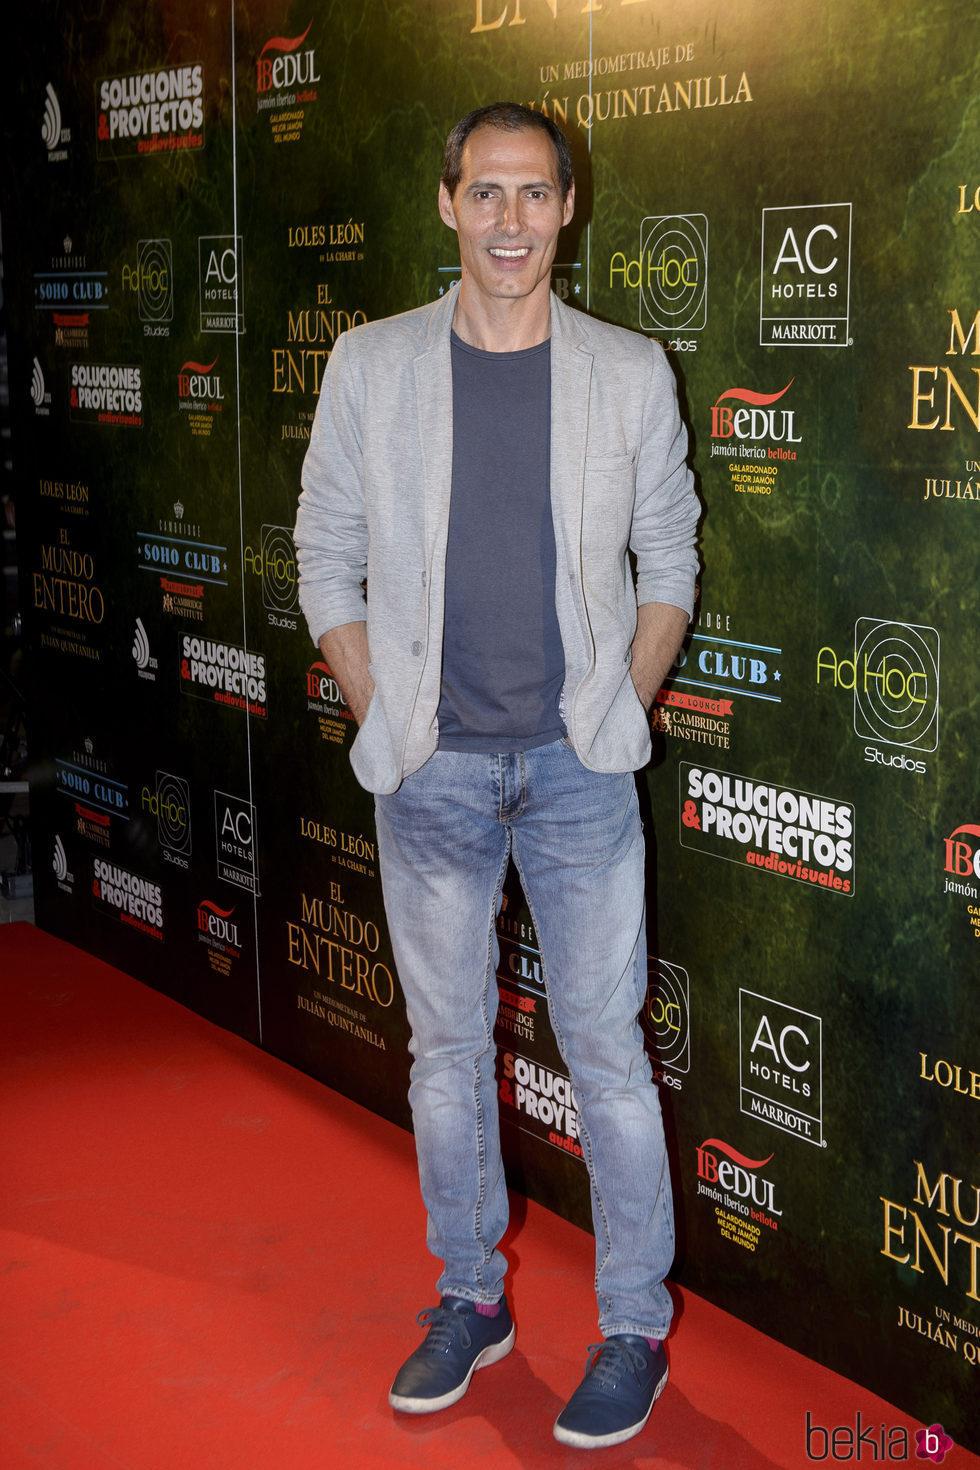 Manuel Bandera en el estreno de 'El mundo entero'